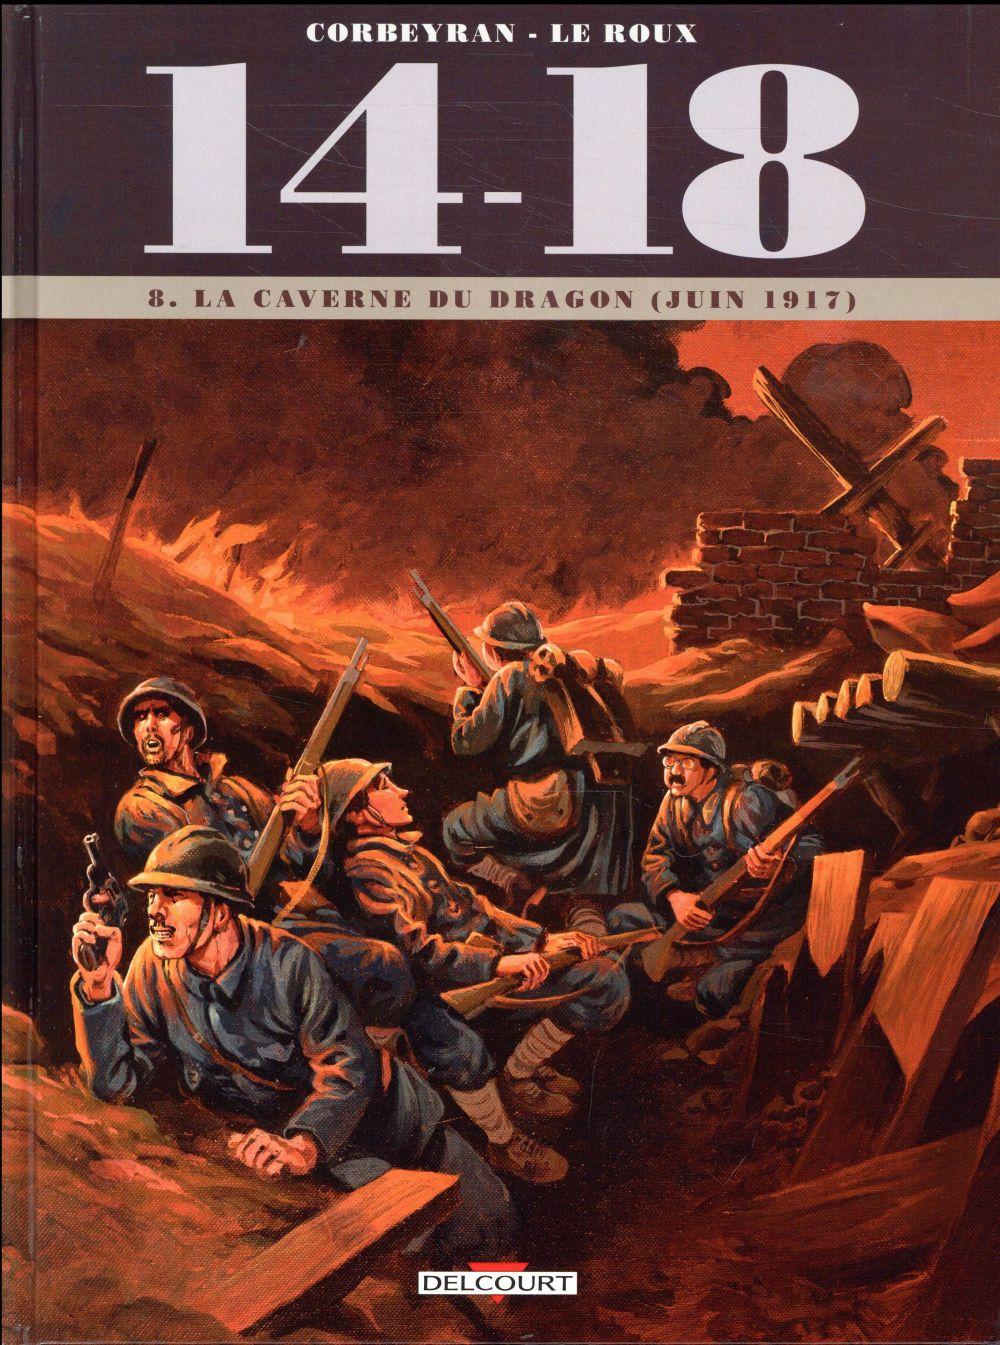 14-18 - 14 - 18 TOME 08. LA CAVERNE DU DRAGON (JUIN 1917)